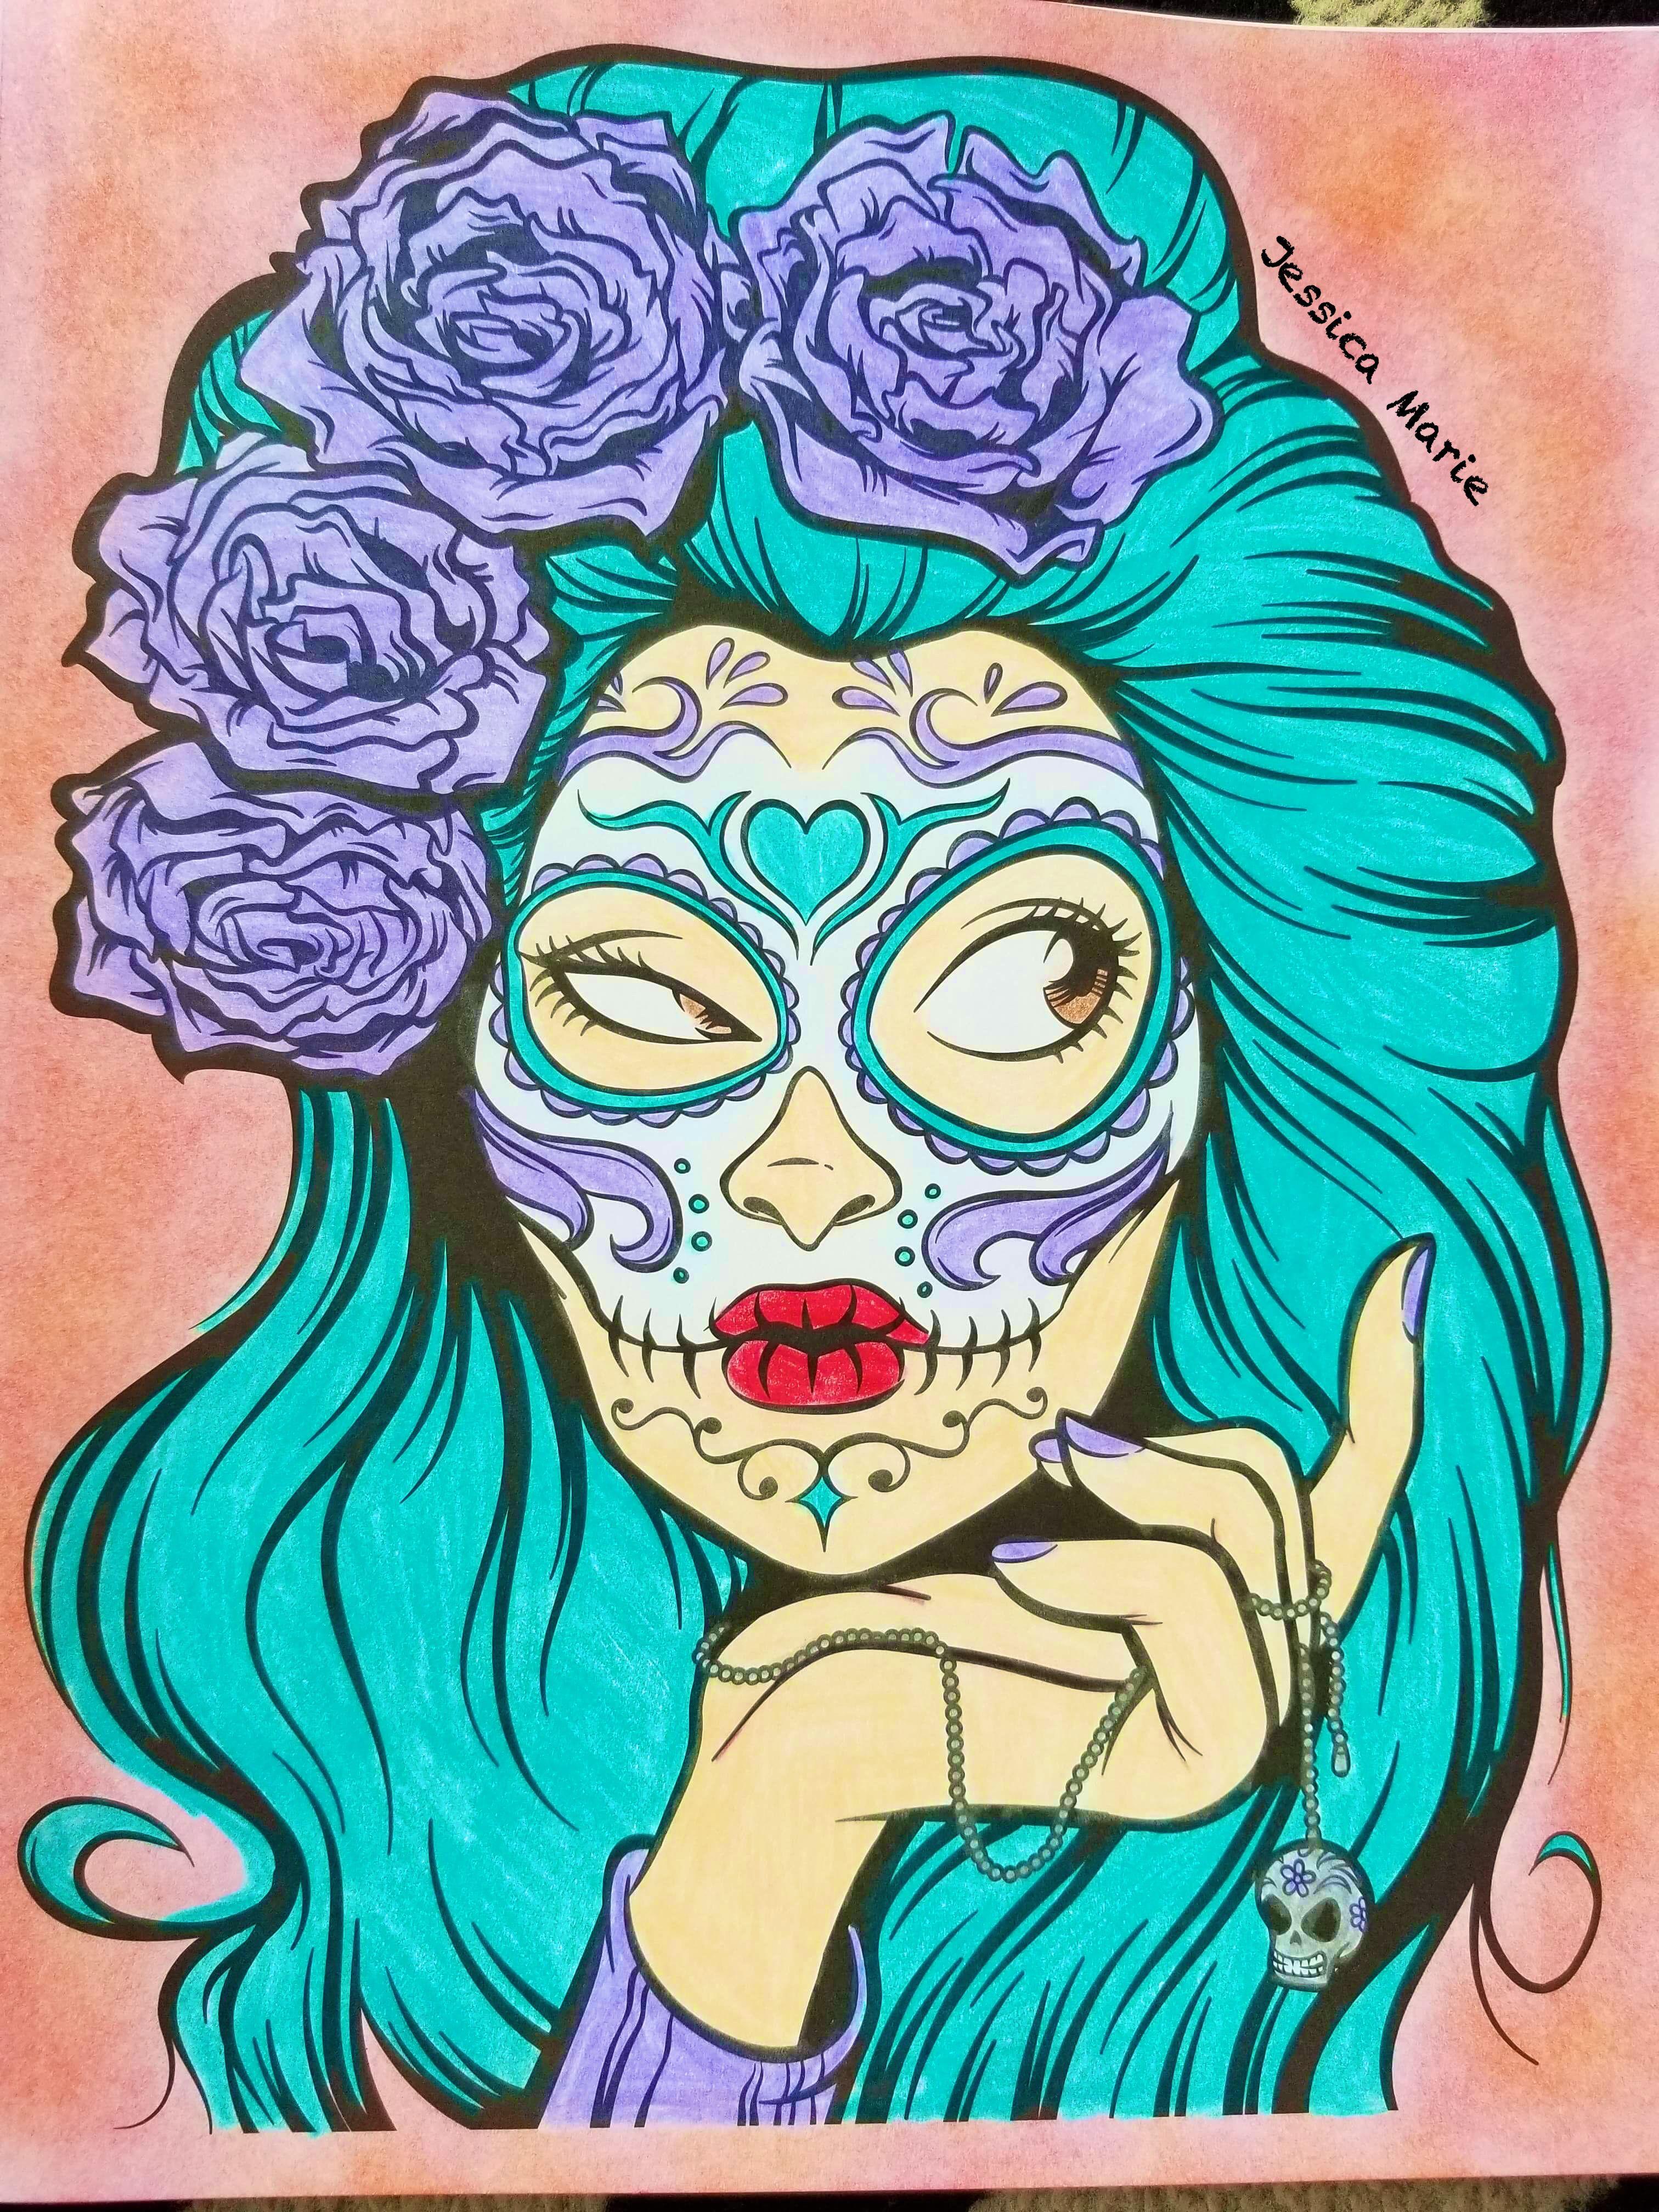 Crayola Art With Edge Sugar Skulls Dayofthedead Skull Coloring Pages Crayola Art Sugar Skull Art